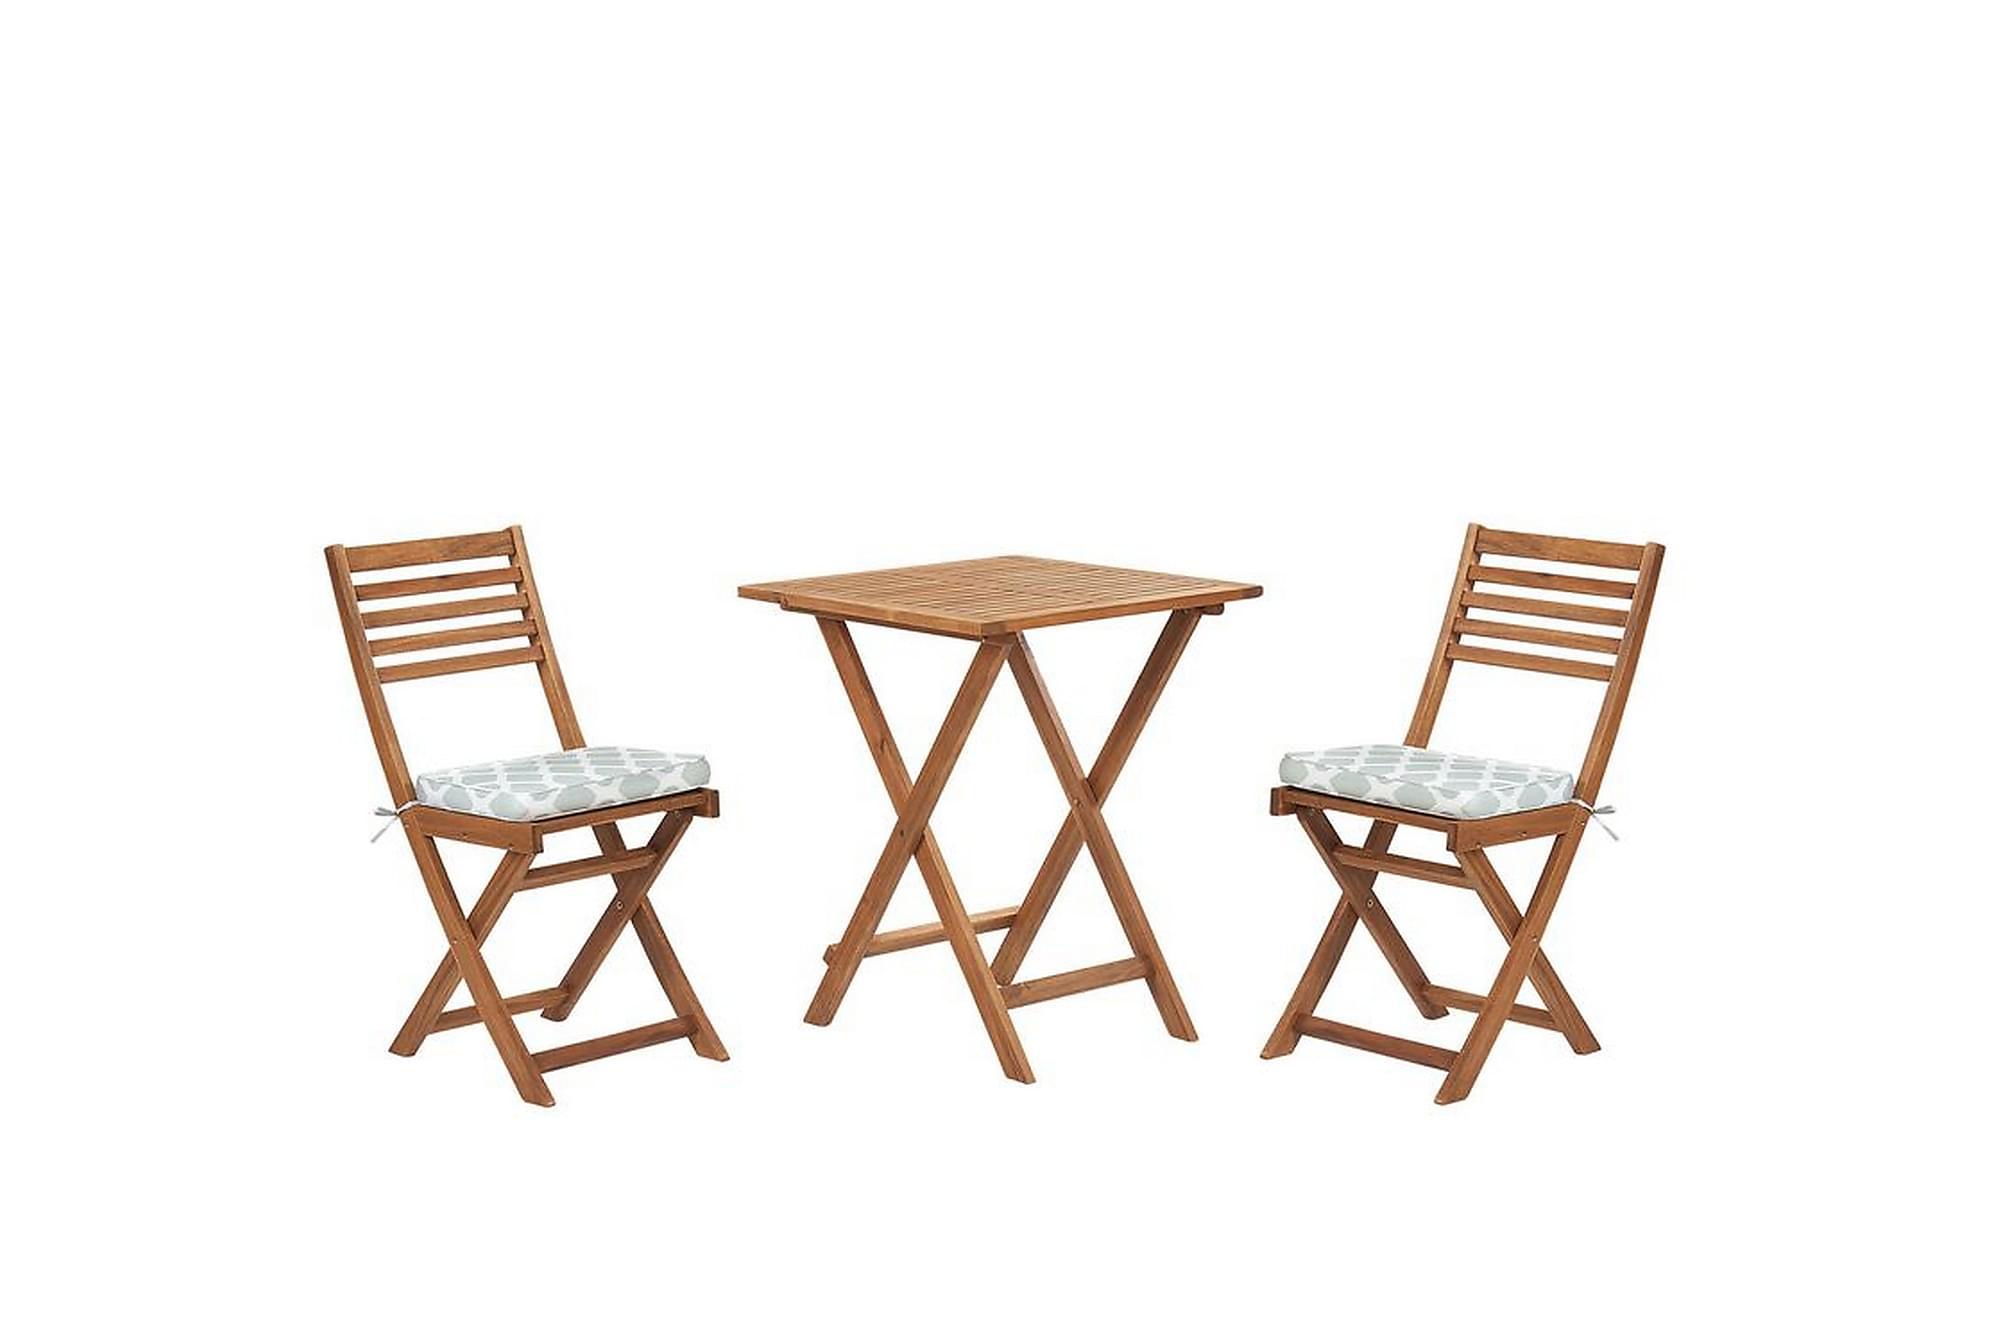 Balkongset av bord och 2 stolar brun/mintgrön FIJI, Utemöbelgrupper